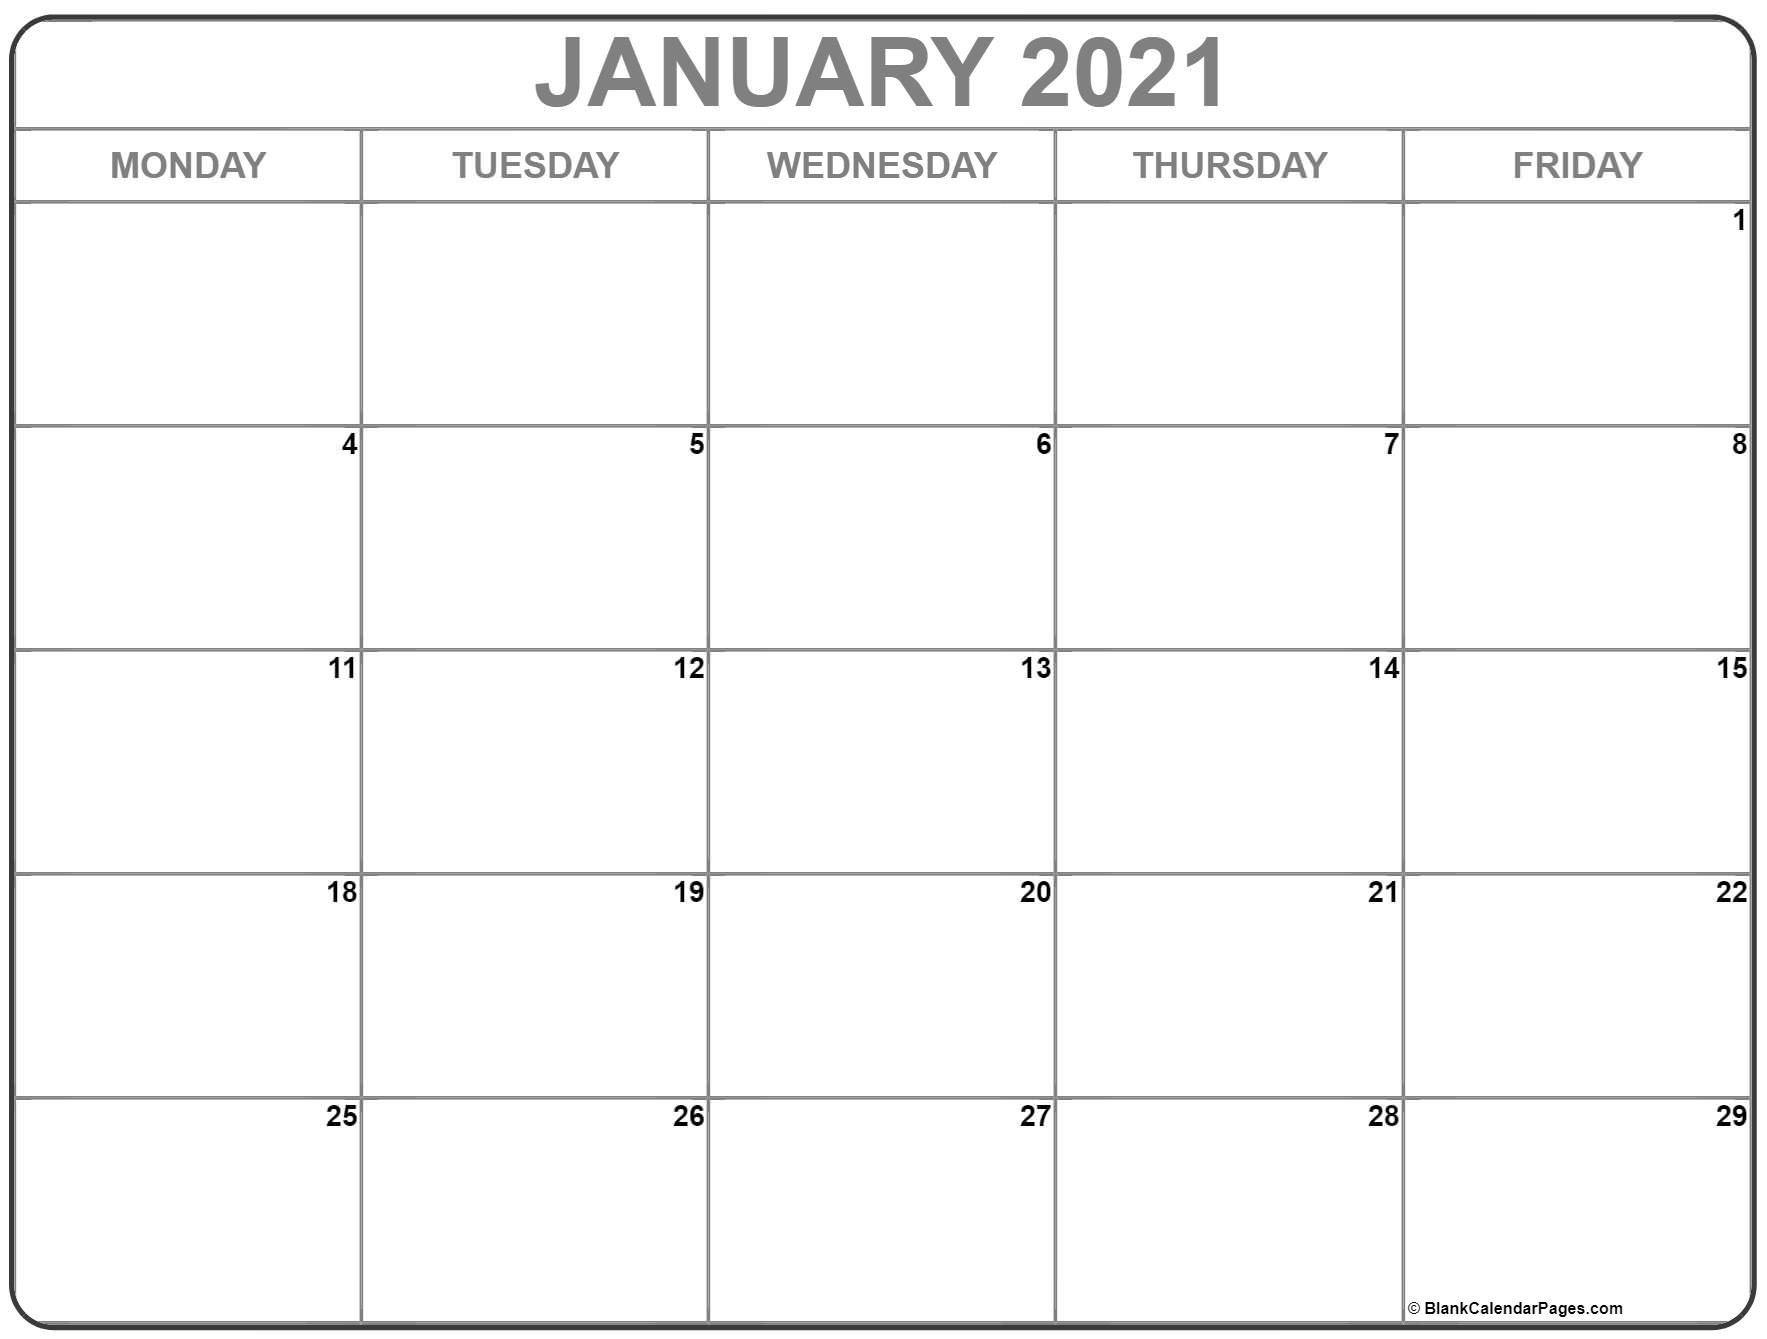 Calendar Monday Through Friday 2021 - Example Calendar Free Printable Calendars By Month Monday Through Sunday